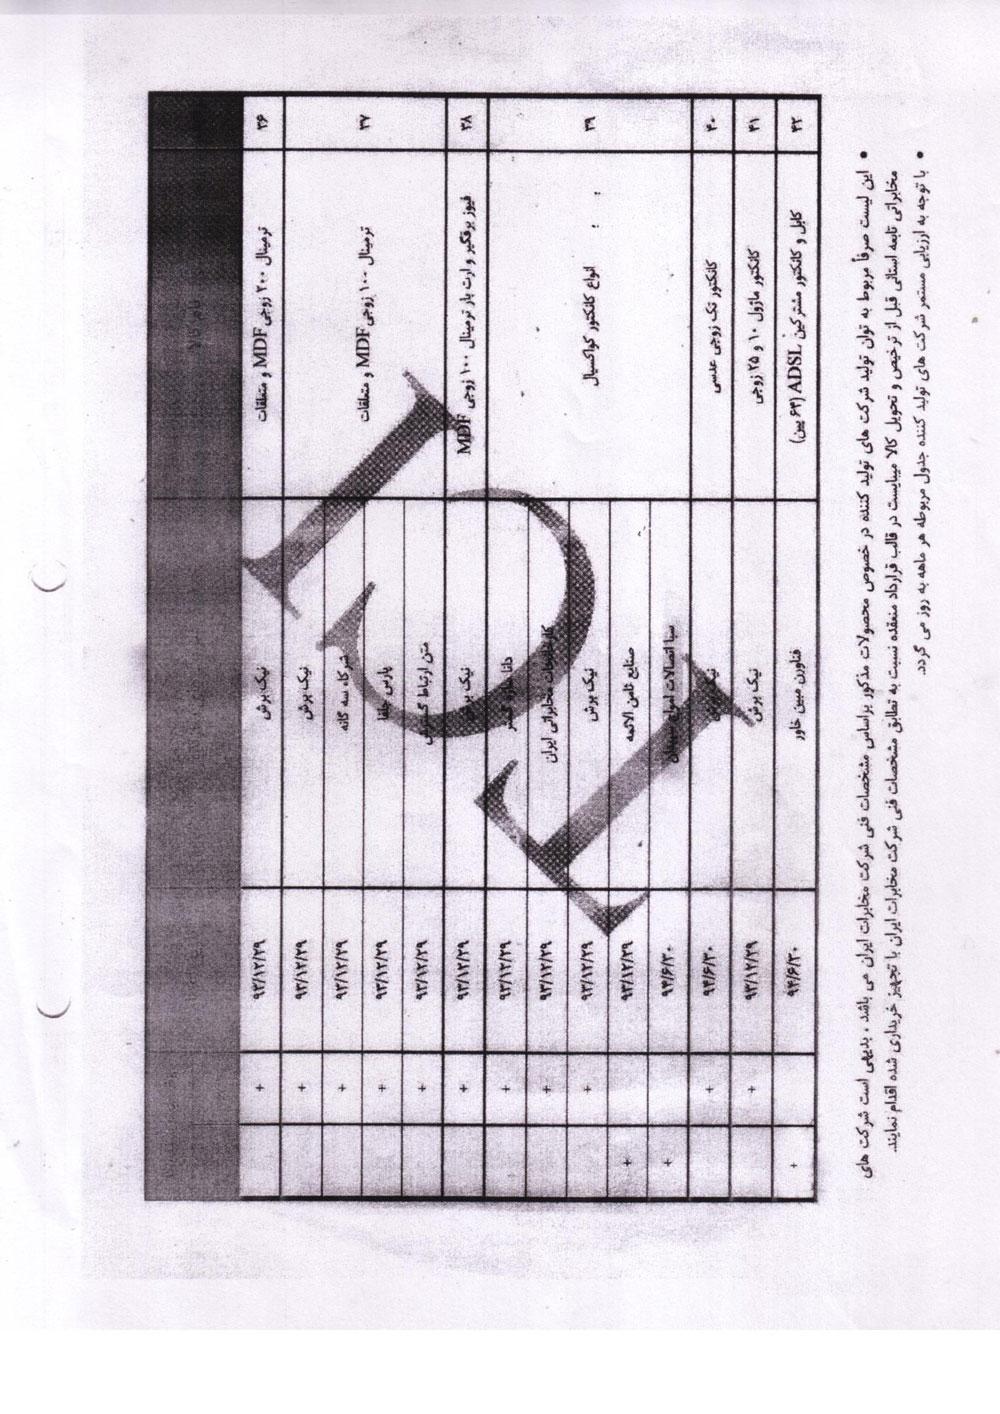 لیست تولید کننده گان